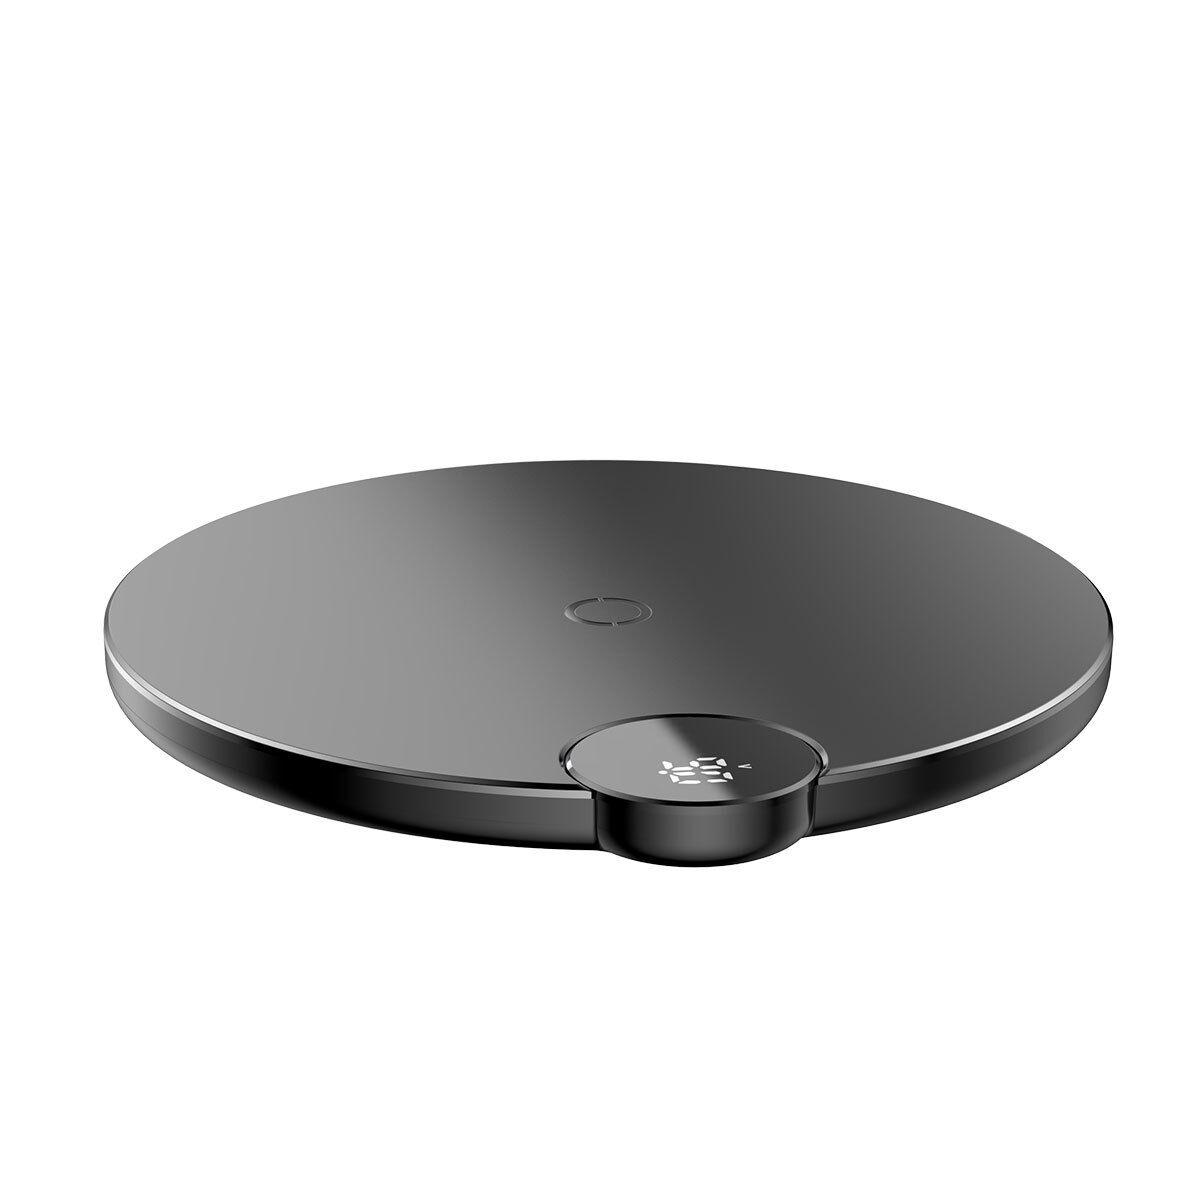 Baseus Chargeur sans fil Baseus avec écran LED numérique, noir